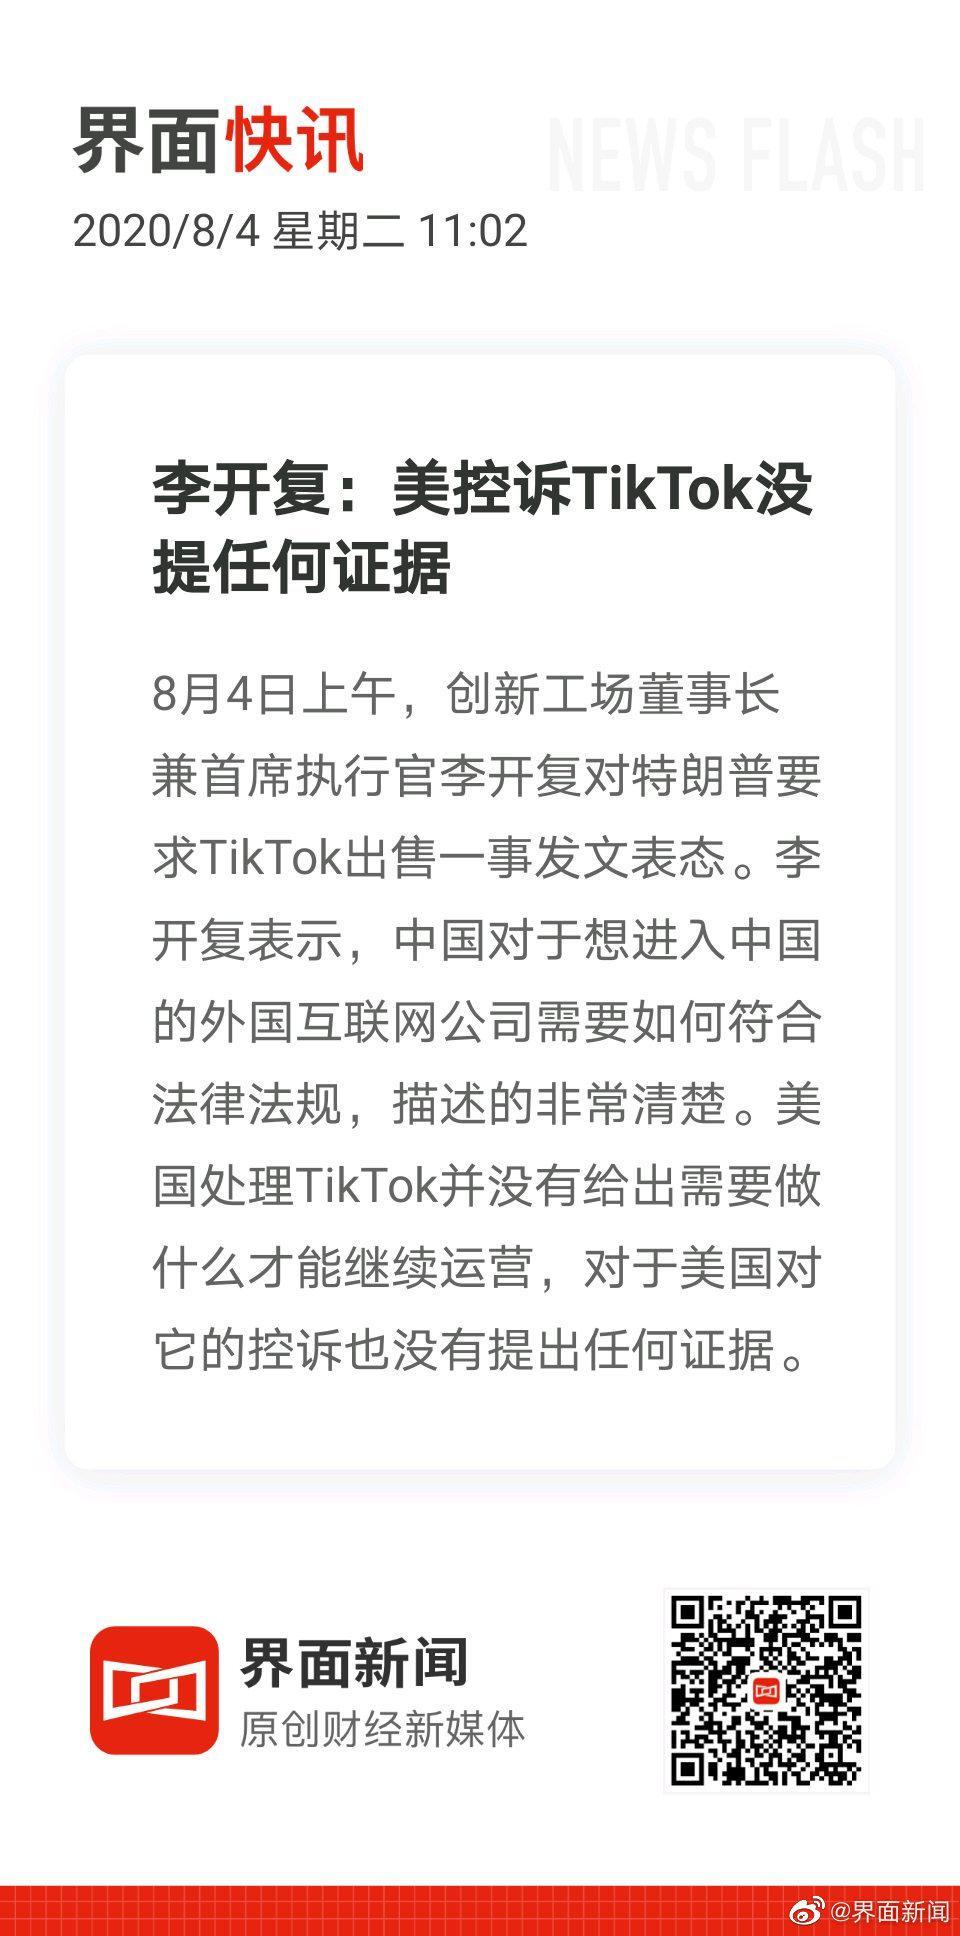 李开复:美控诉TikTok没提任何证据